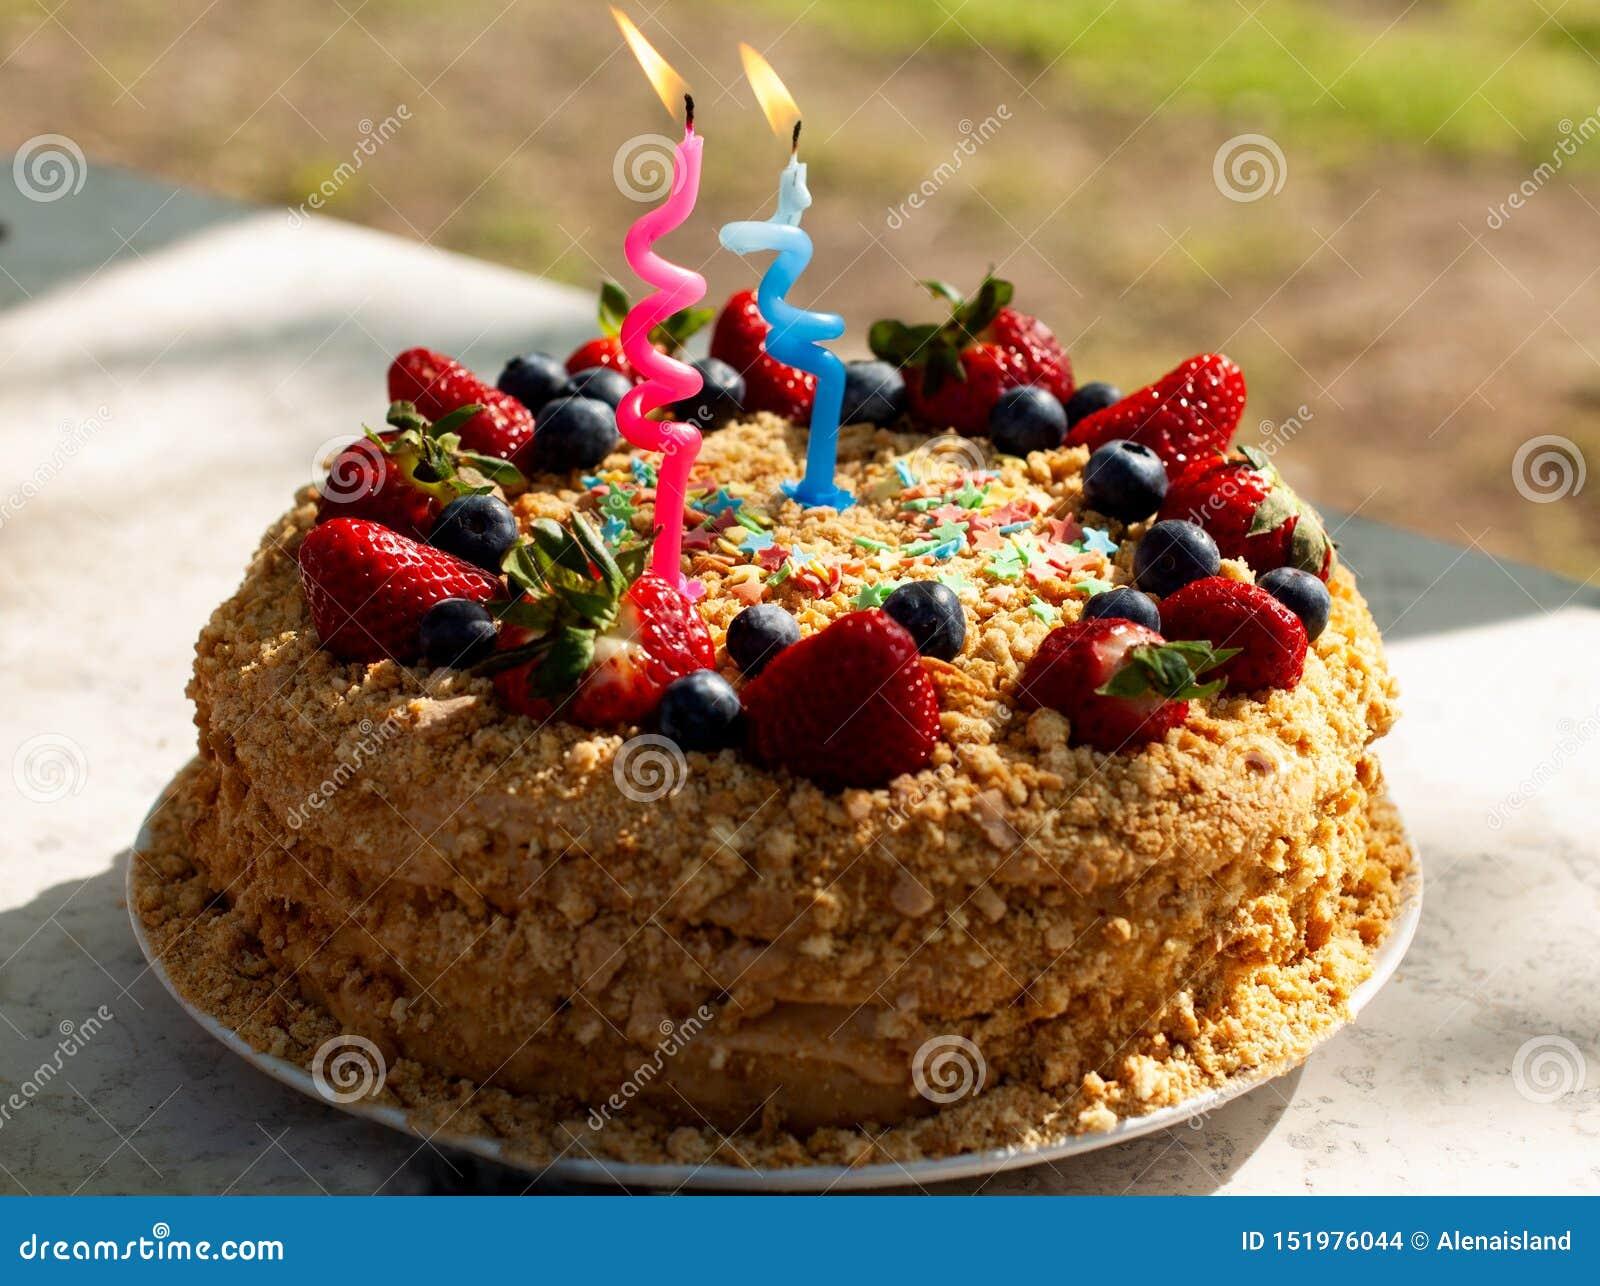 O 用蜡烛为生日装饰的自创蛋糕,新鲜的蓝莓,草莓 ??